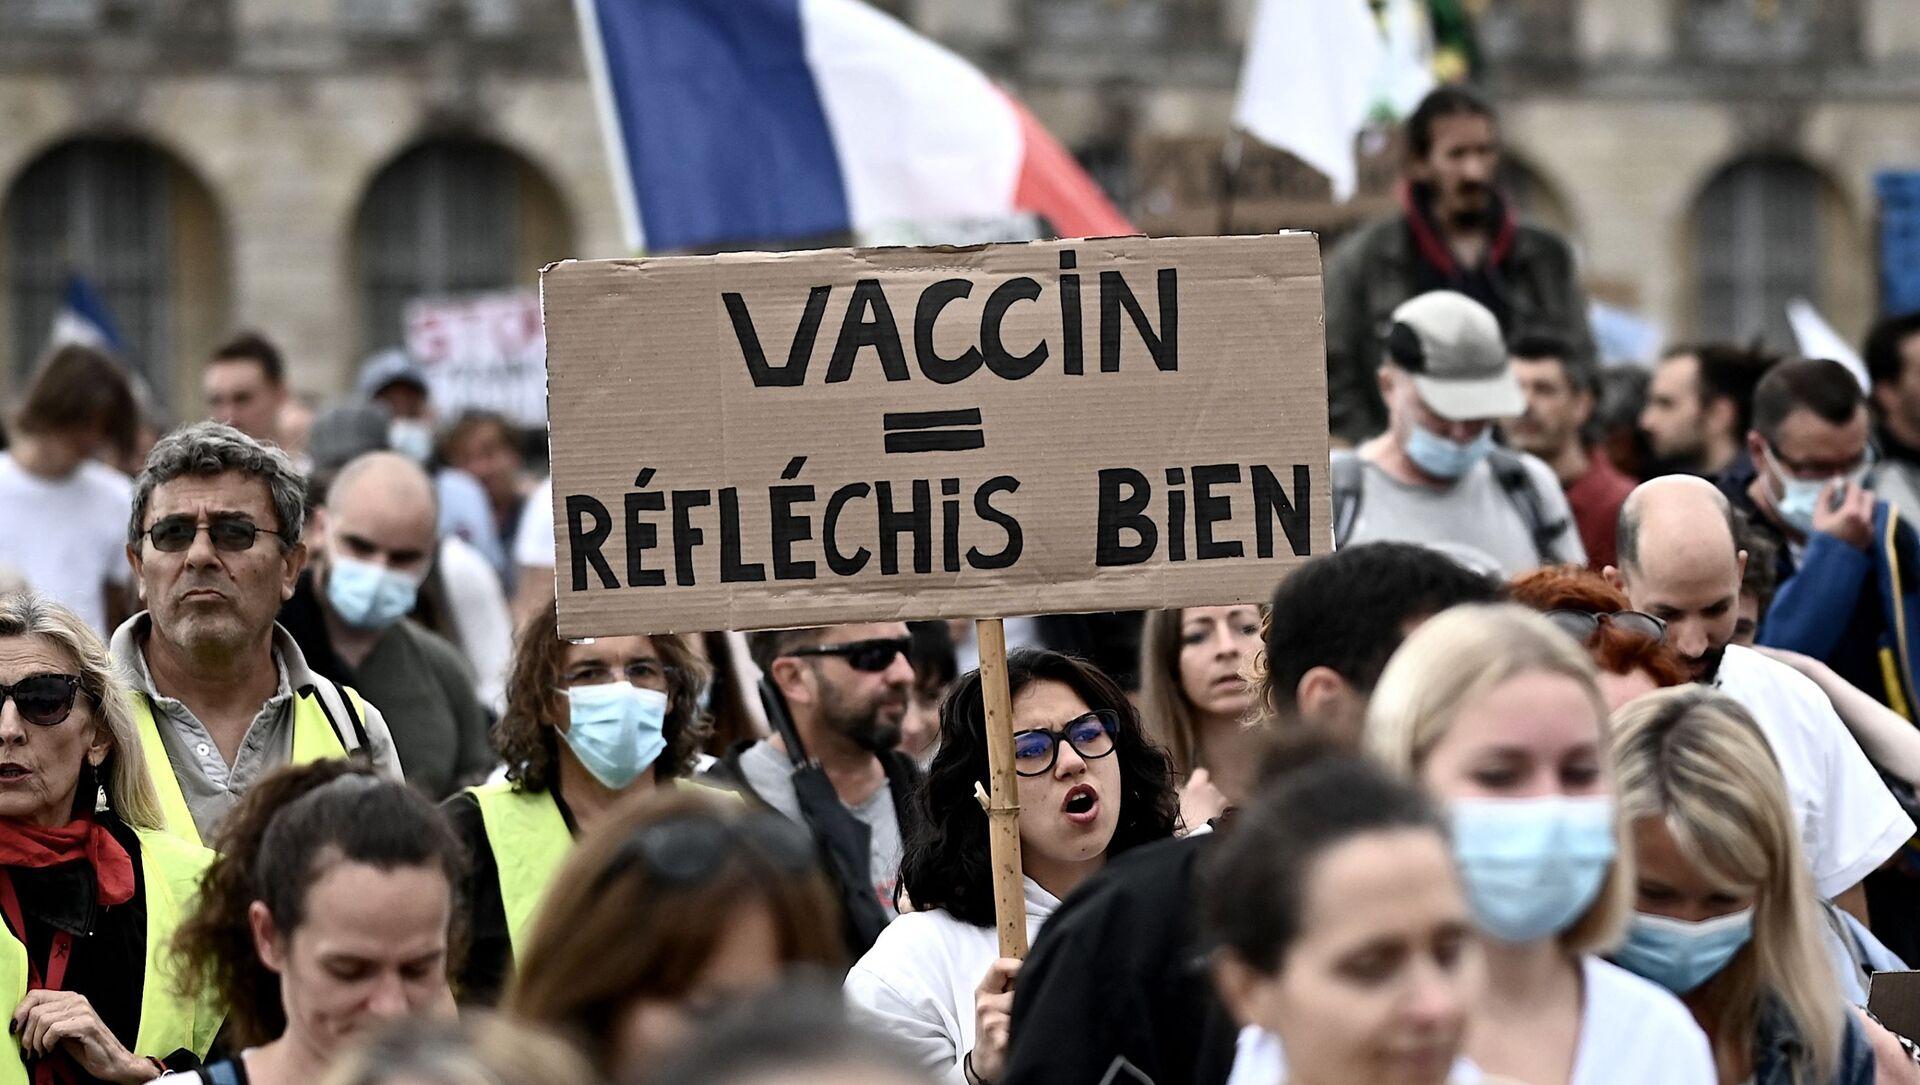 Manifestation anti pass sanitaire à Bordeaux, 31 juillet 2021 - Sputnik France, 1920, 03.08.2021